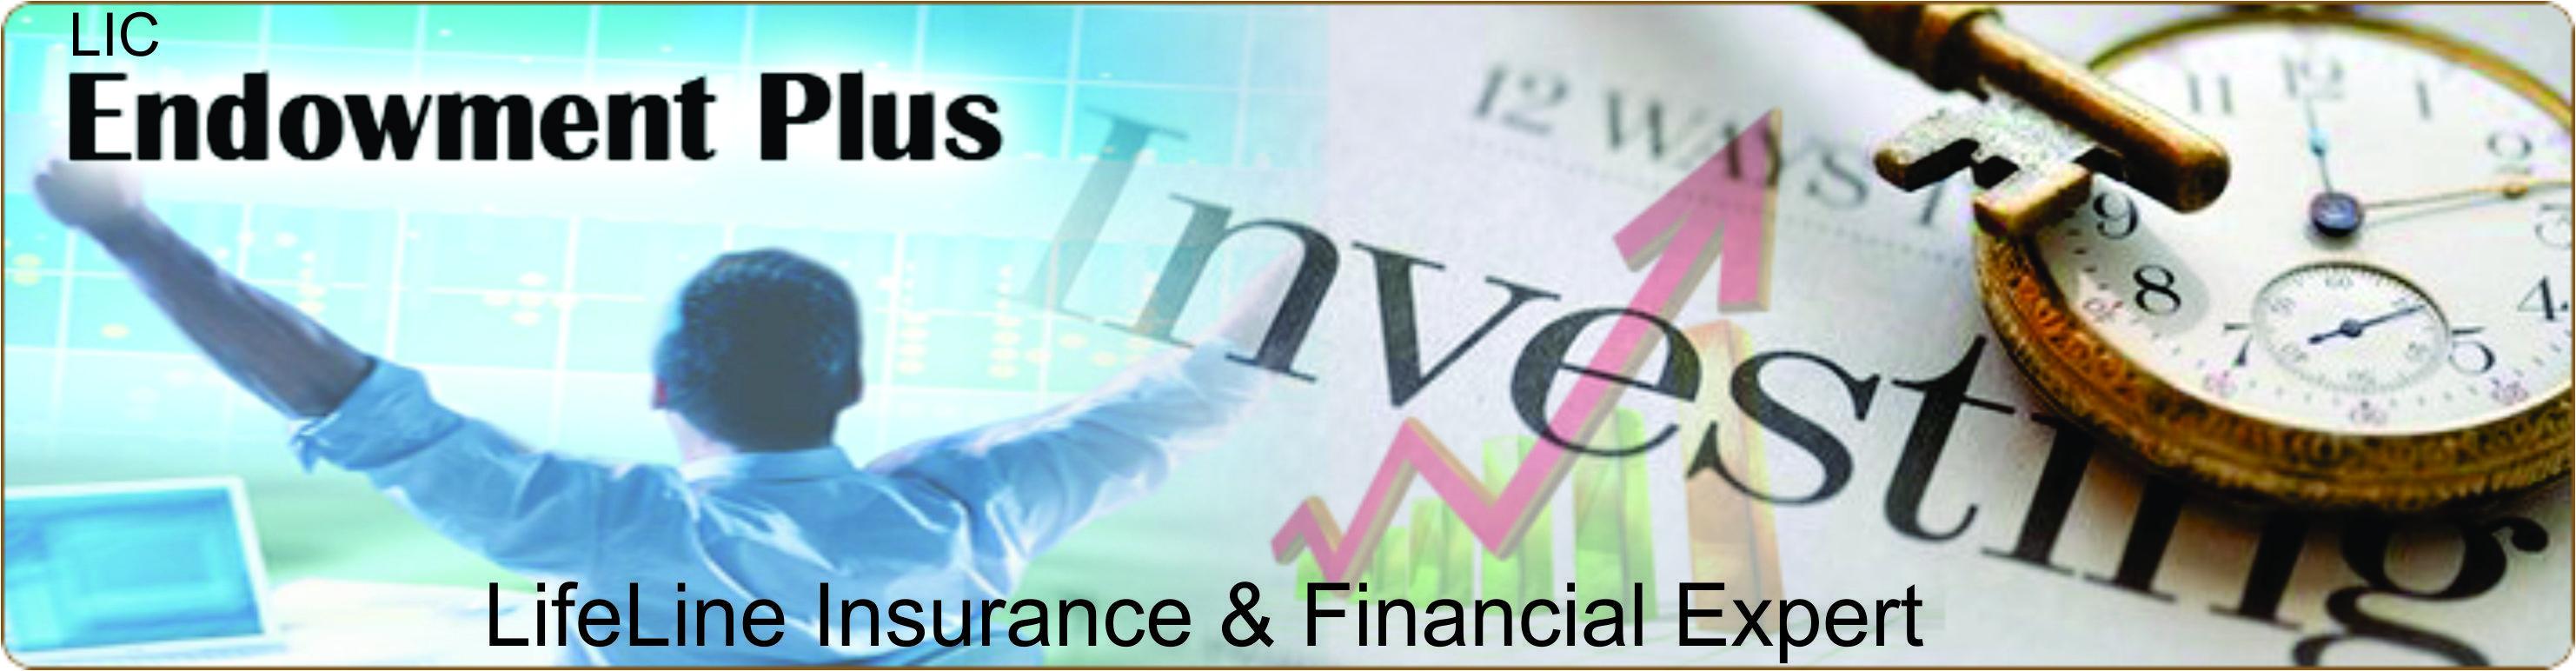 Lic Endowment Plus A Unit Linked Assurance Plan Offering